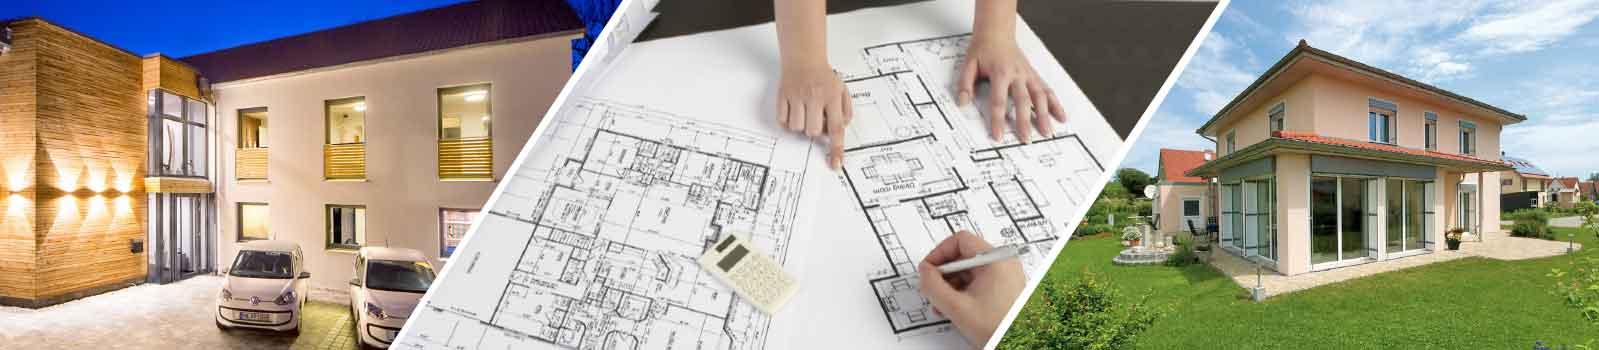 Datenschutzerklärung für die Josef Mang Bauunternehmung